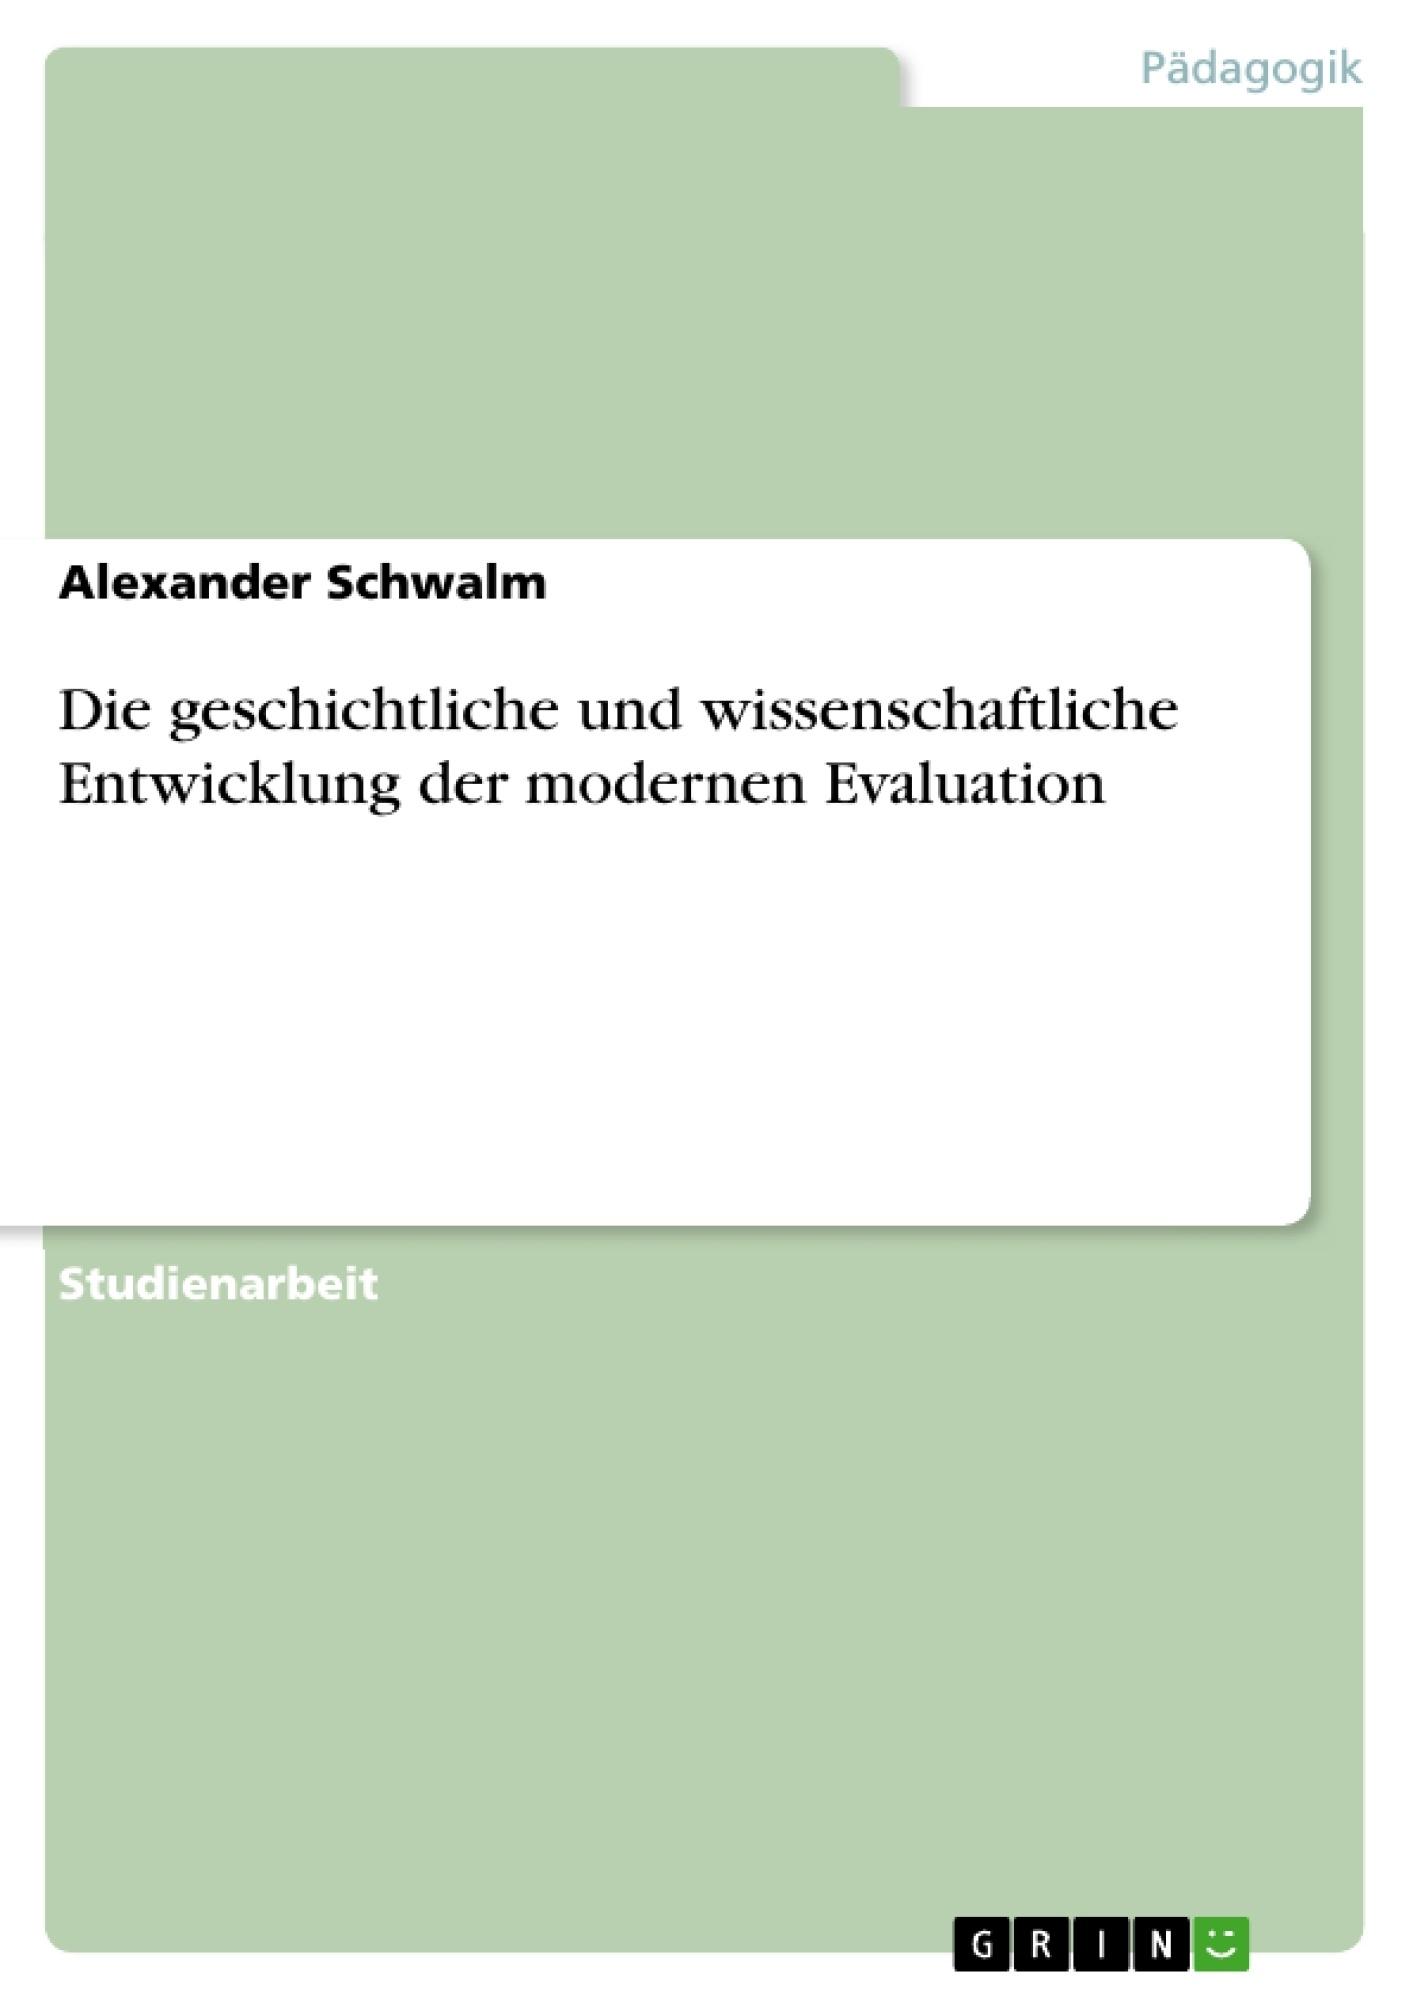 Titel: Die geschichtliche und wissenschaftliche Entwicklung der modernen Evaluation